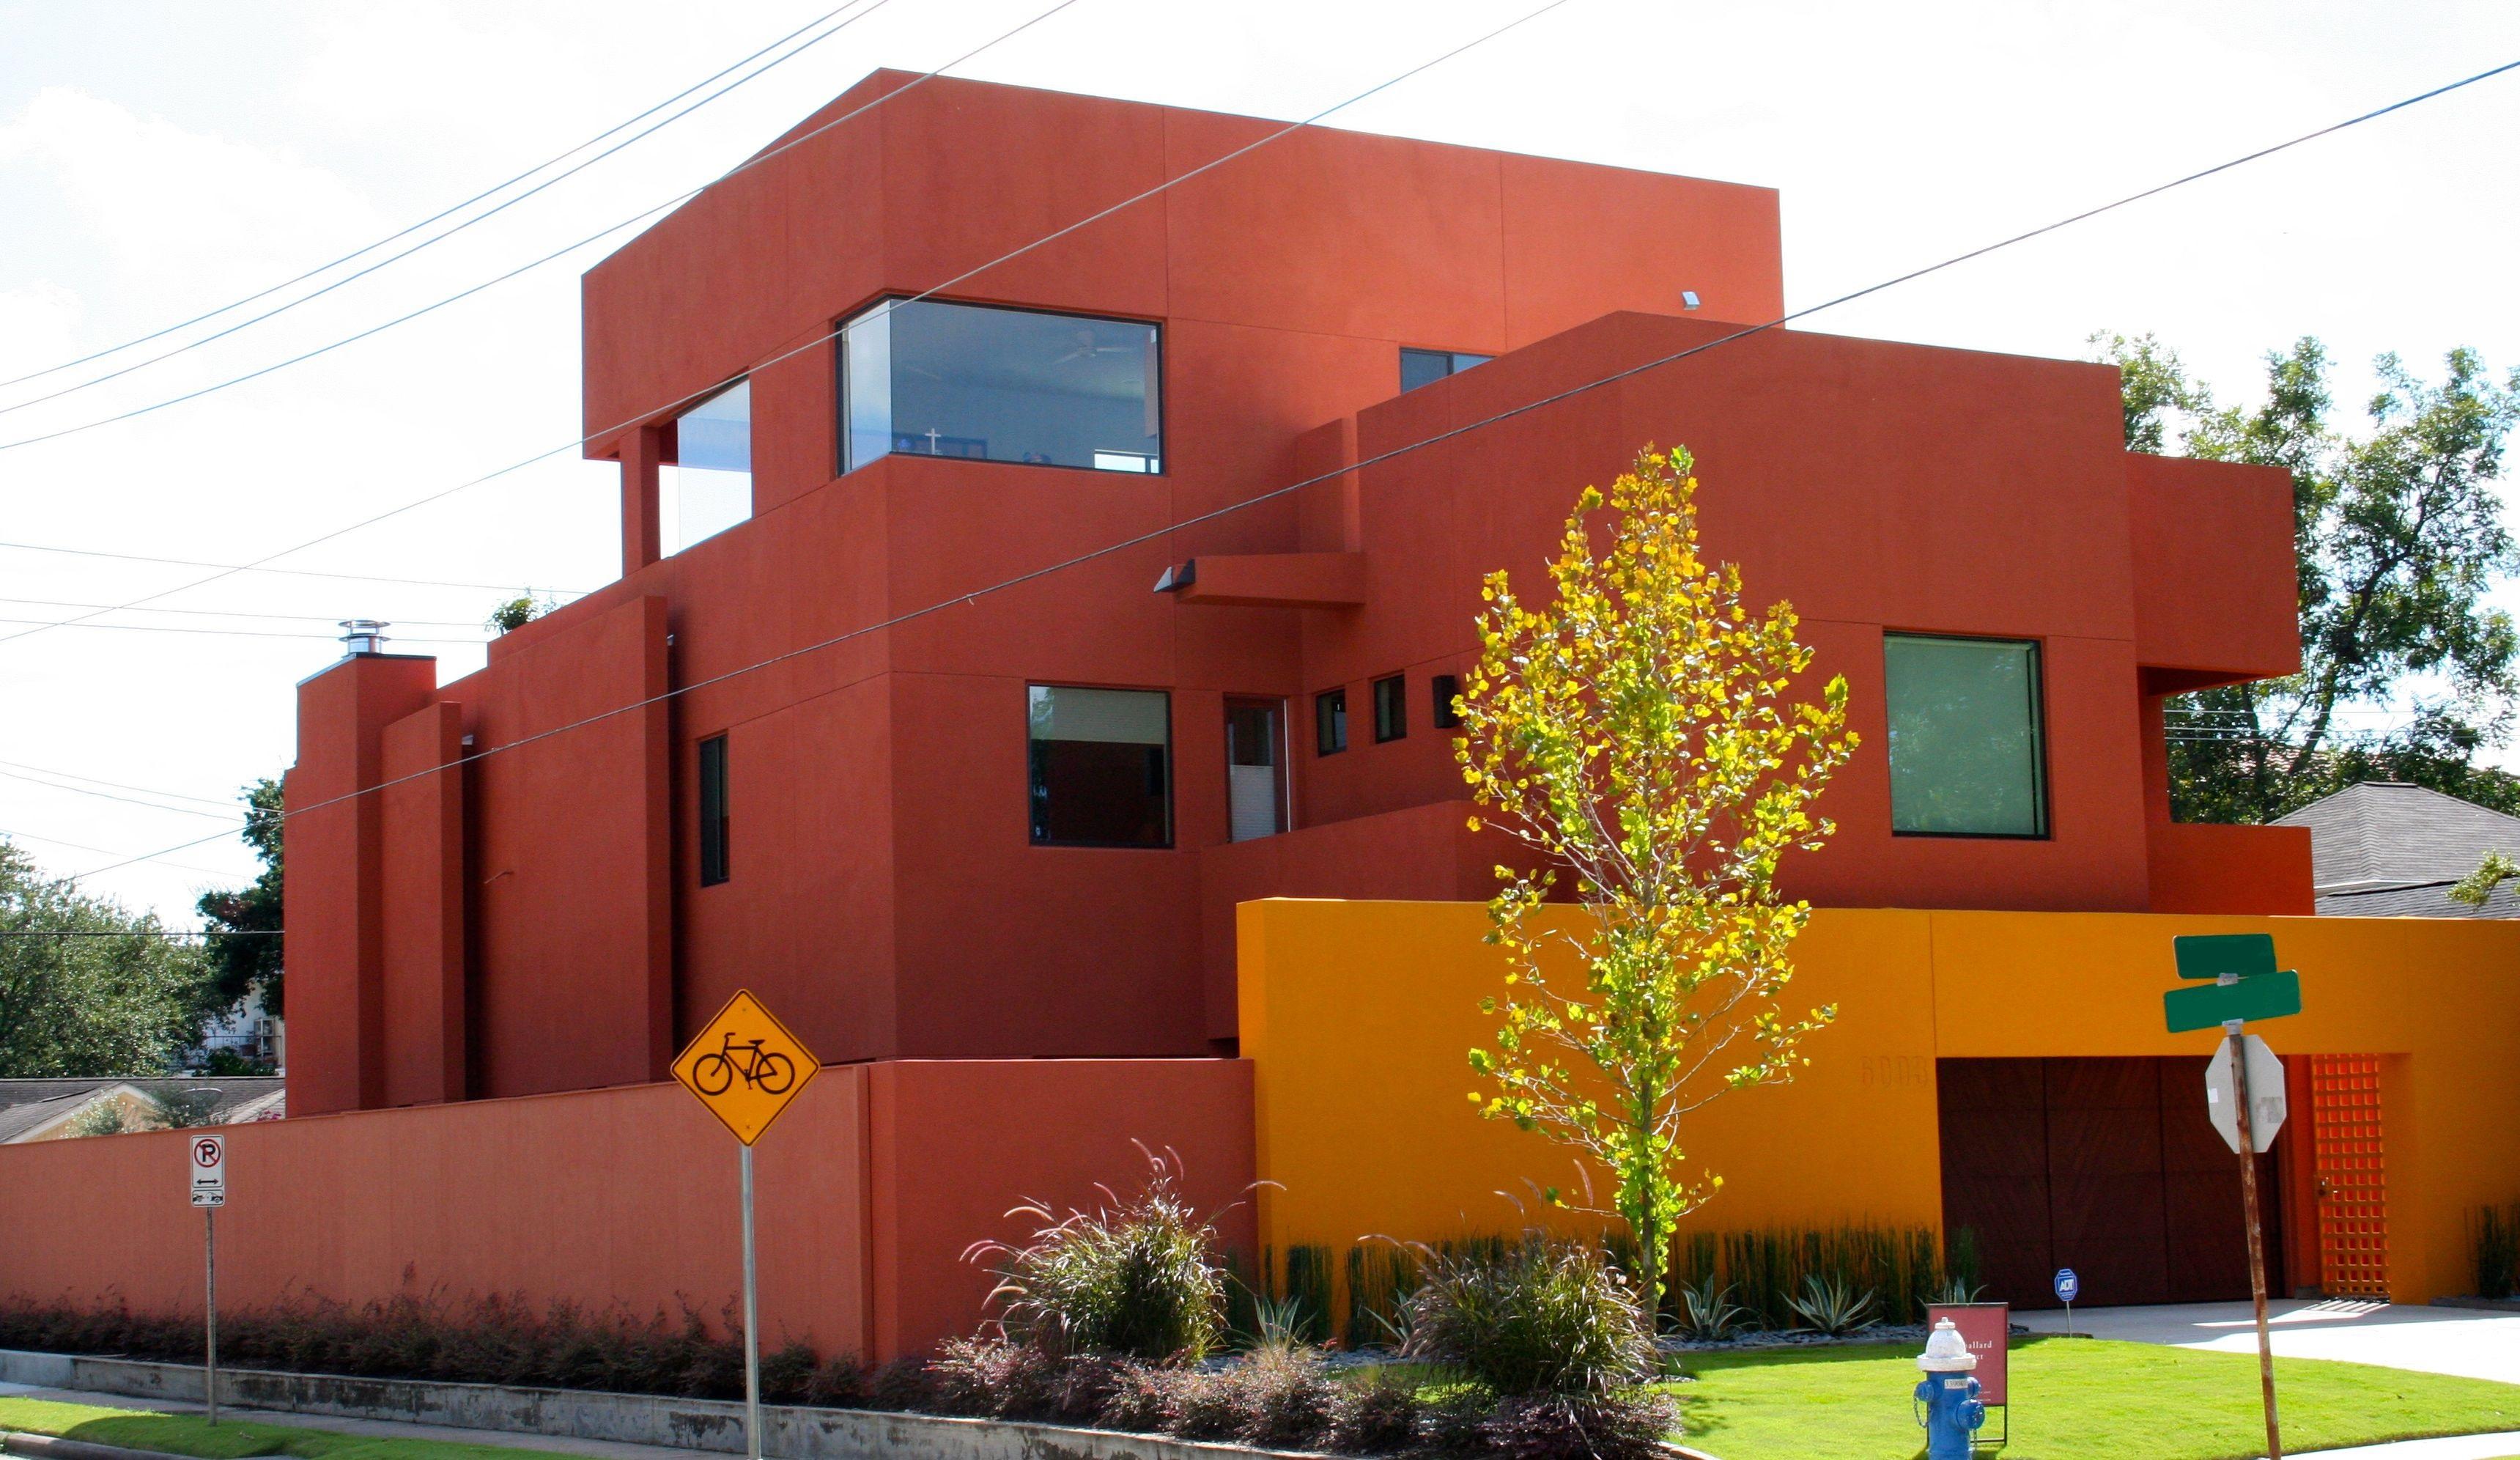 annual tour of modern homes returns to houston, september 24